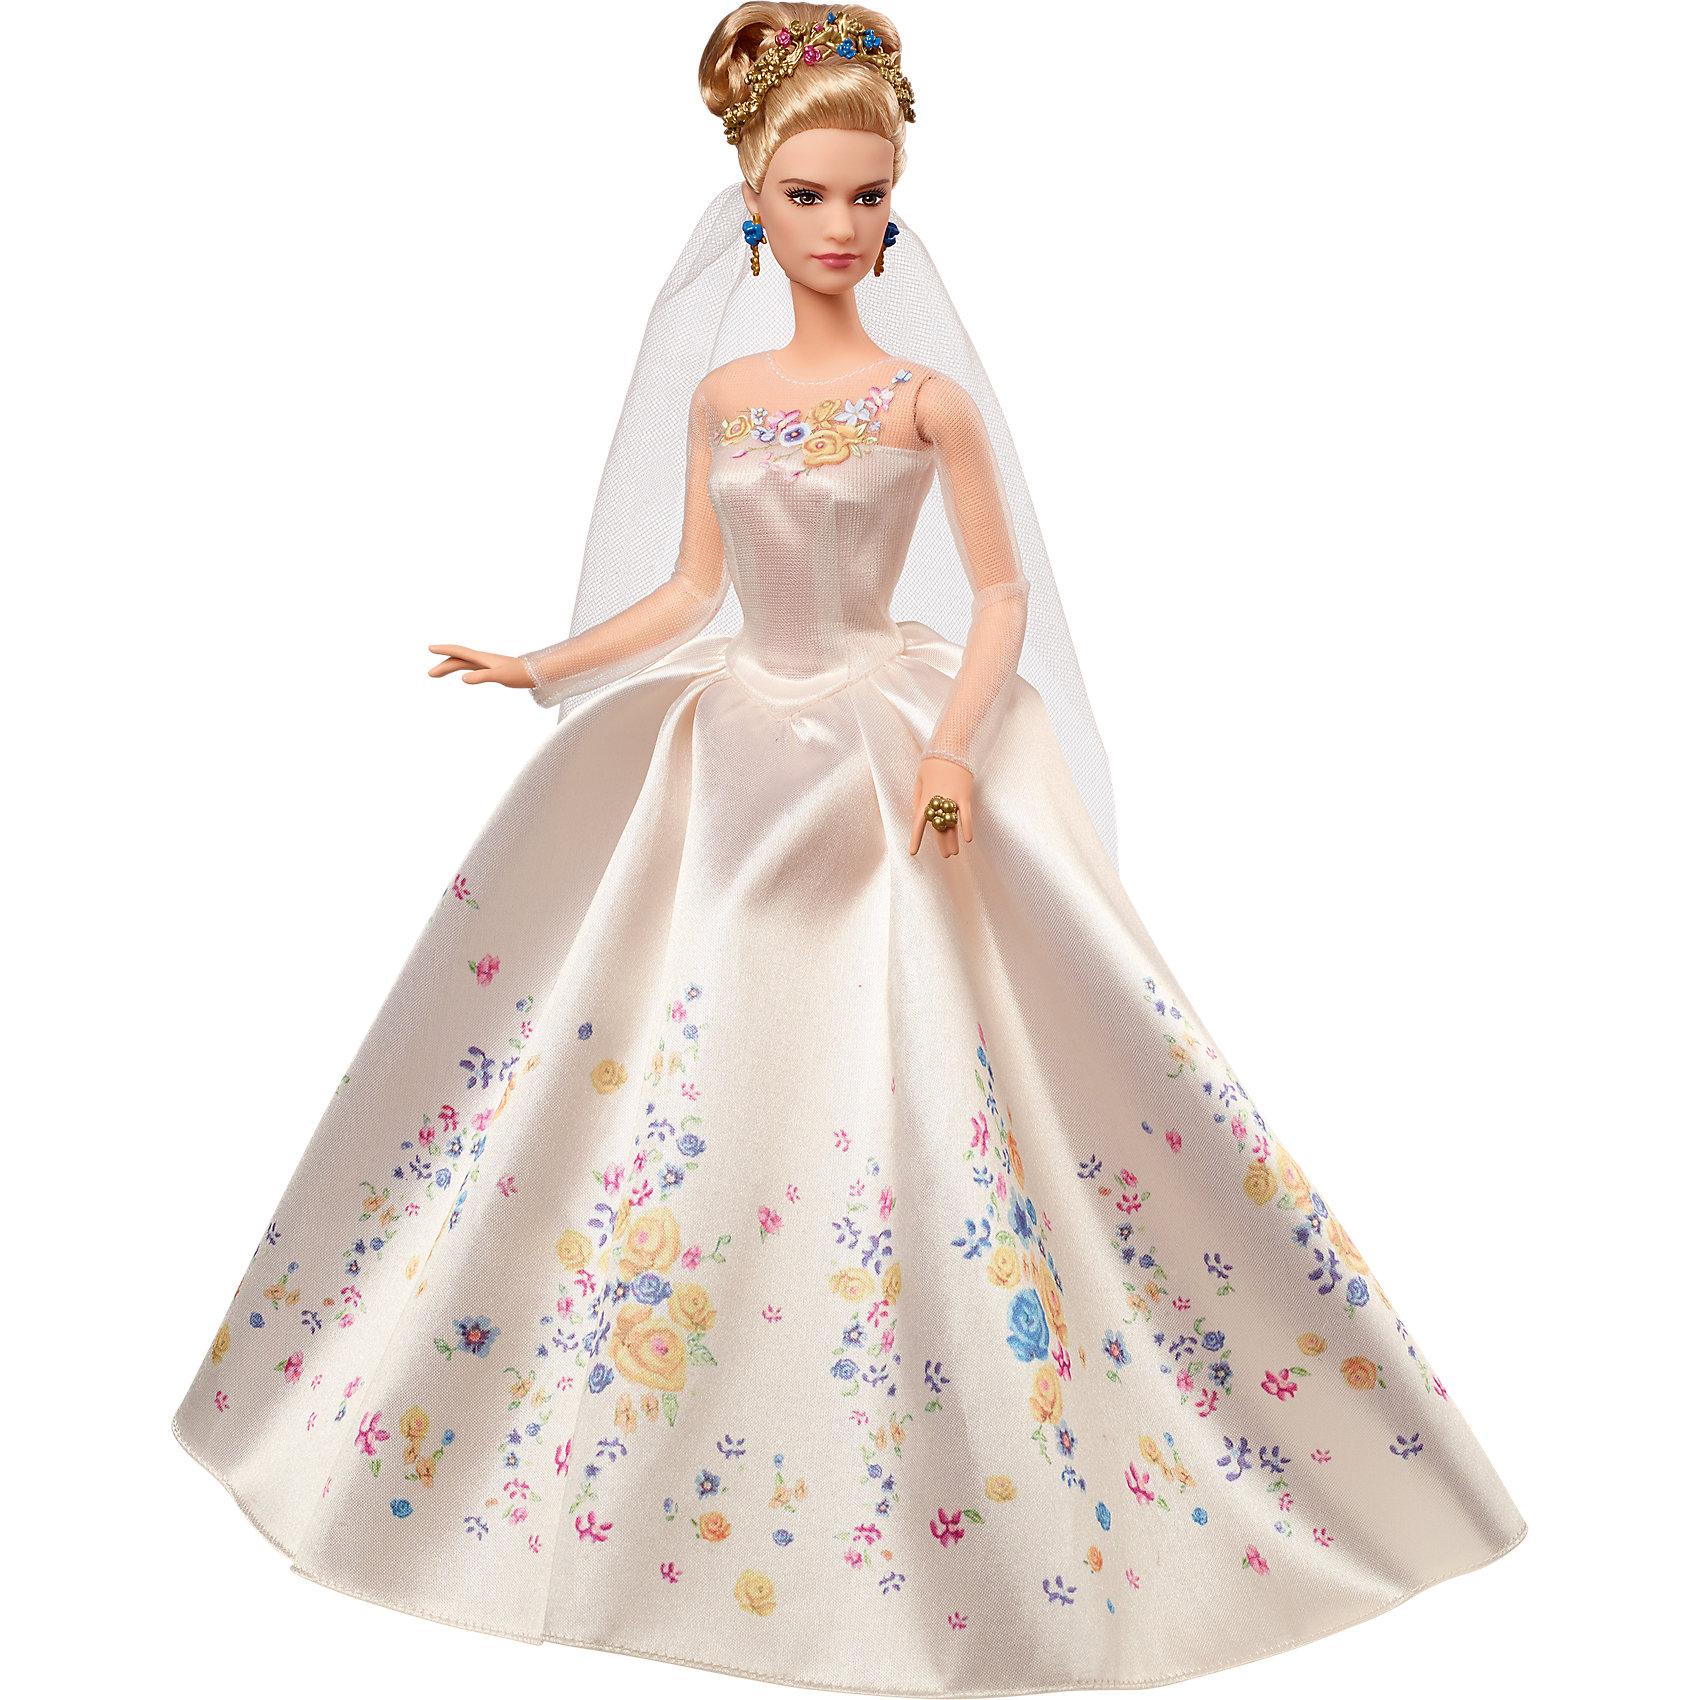 Коллекционная кукла. Героиня из к/ф Золушка, Принцессы ДиснейПодарочный набор Принцесса Золушка, Disney Princess – это невероятно красивая кукла, выпущенная к премьере фильма Золушка.<br>Эта кукла принцессы Золушки внешне напоминает английскую актрису, сыгравшую главную роль в ремейке на старую добрую сказку о Золушке - Лили Джеймс. Наступил самый важный и торжественный день в жизни Золушки –сегодня она выйдет замуж за своего принца. Кукла одета в шикарное платье цвета айвори, украшенное нежными цветами, хрустальные туфельки. Волосы Золушки уложены в высокую прическу и украшены золотой диадемой, в ушах серьги. Конечно же, у невесты есть фата. На руке перстень, подаренный принцем на помолвку. Эта роскошная кукла будет замечательным подарком для девочек, коллекционеров и любителей сказки Золушка. Упакована кукла в стильную подарочную коробку.<br><br>Дополнительная информация:<br><br>- Материал: высококачественный пластик, текстиль<br>- Рост куклы: 30 см.<br>- Размер упаковки: 23 х 7 х 32 см.<br>- Вес: 551 гр.<br><br>Подарочный набор Принцесса Золушка, Disney Princess (Принцесса Диснея) можно купить в нашем интернет-магазине.<br><br>Ширина мм: 334<br>Глубина мм: 240<br>Высота мм: 78<br>Вес г: 295<br>Возраст от месяцев: 48<br>Возраст до месяцев: 96<br>Пол: Женский<br>Возраст: Детский<br>SKU: 3858587